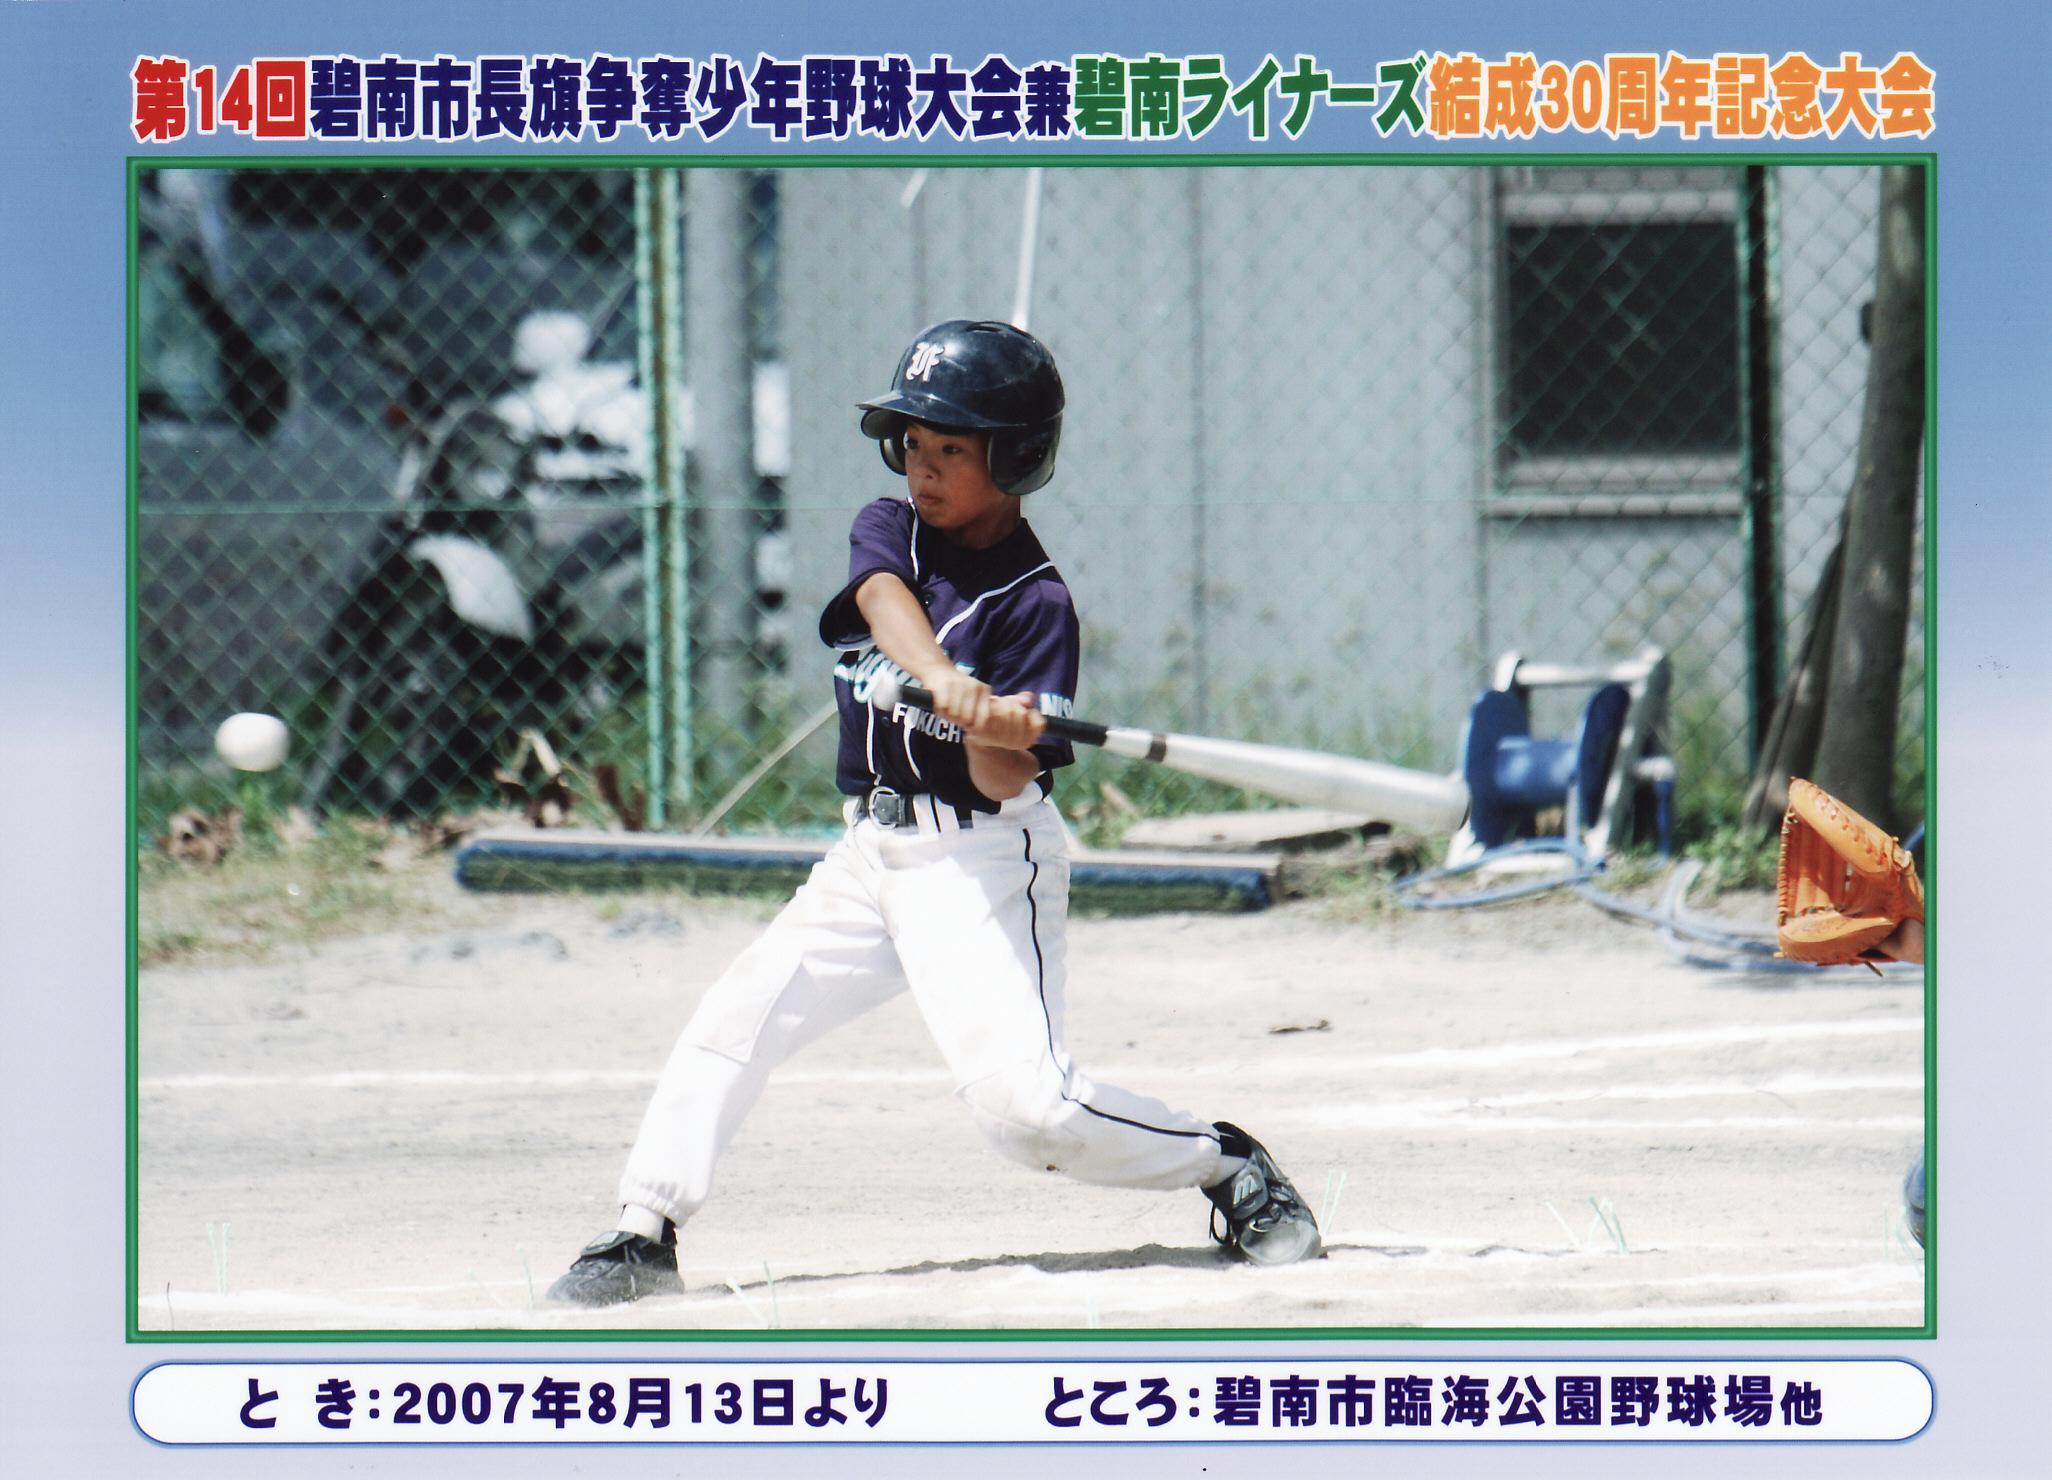 碧南市長期2007年8月_0029